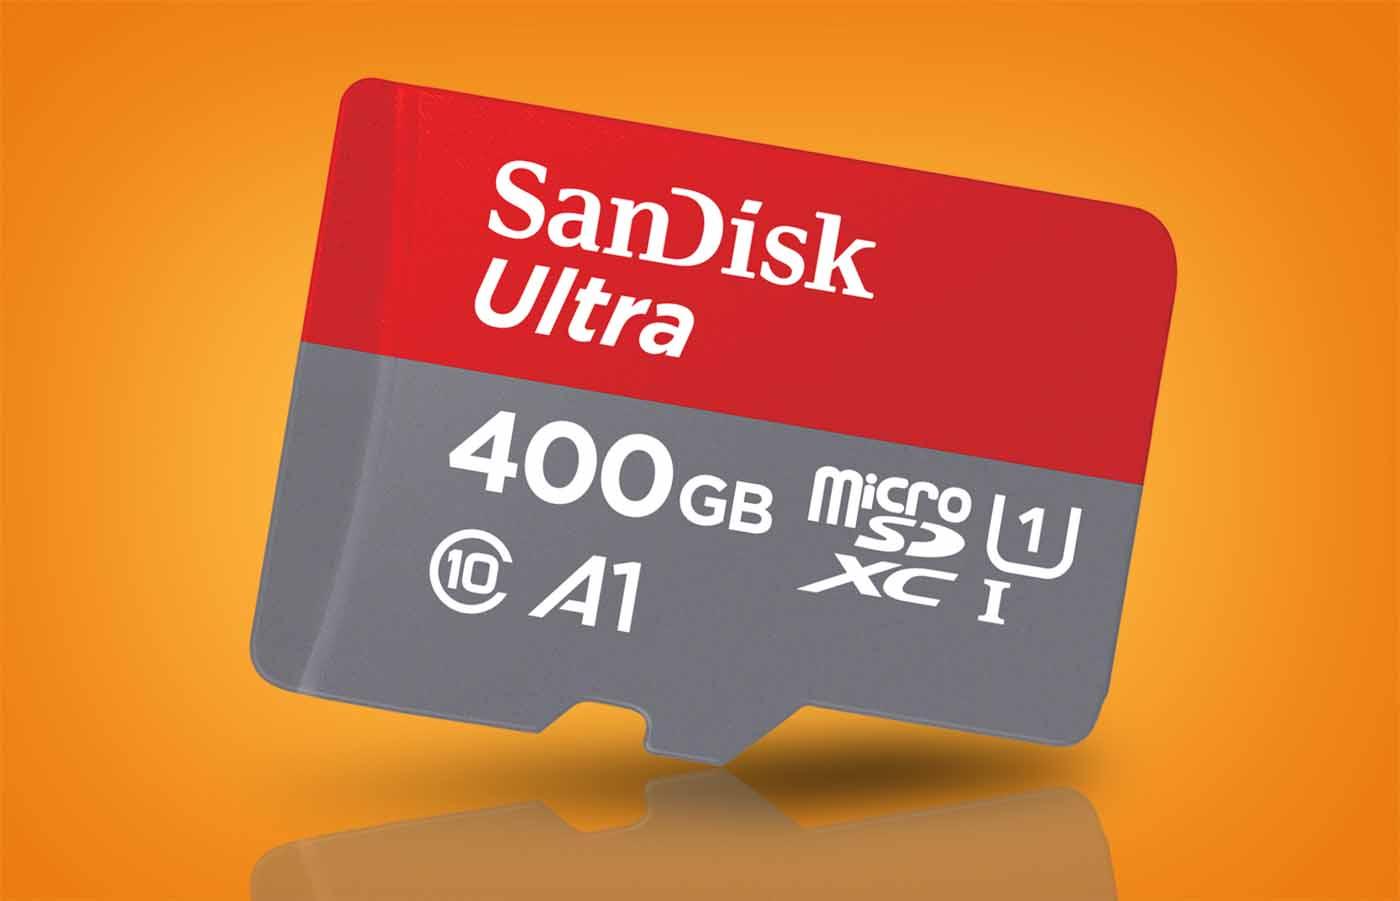 La nueva tarjeta SanDisk Ultra UHS-I alcanza una capacidad de 400 GB, más que muchos portátiles